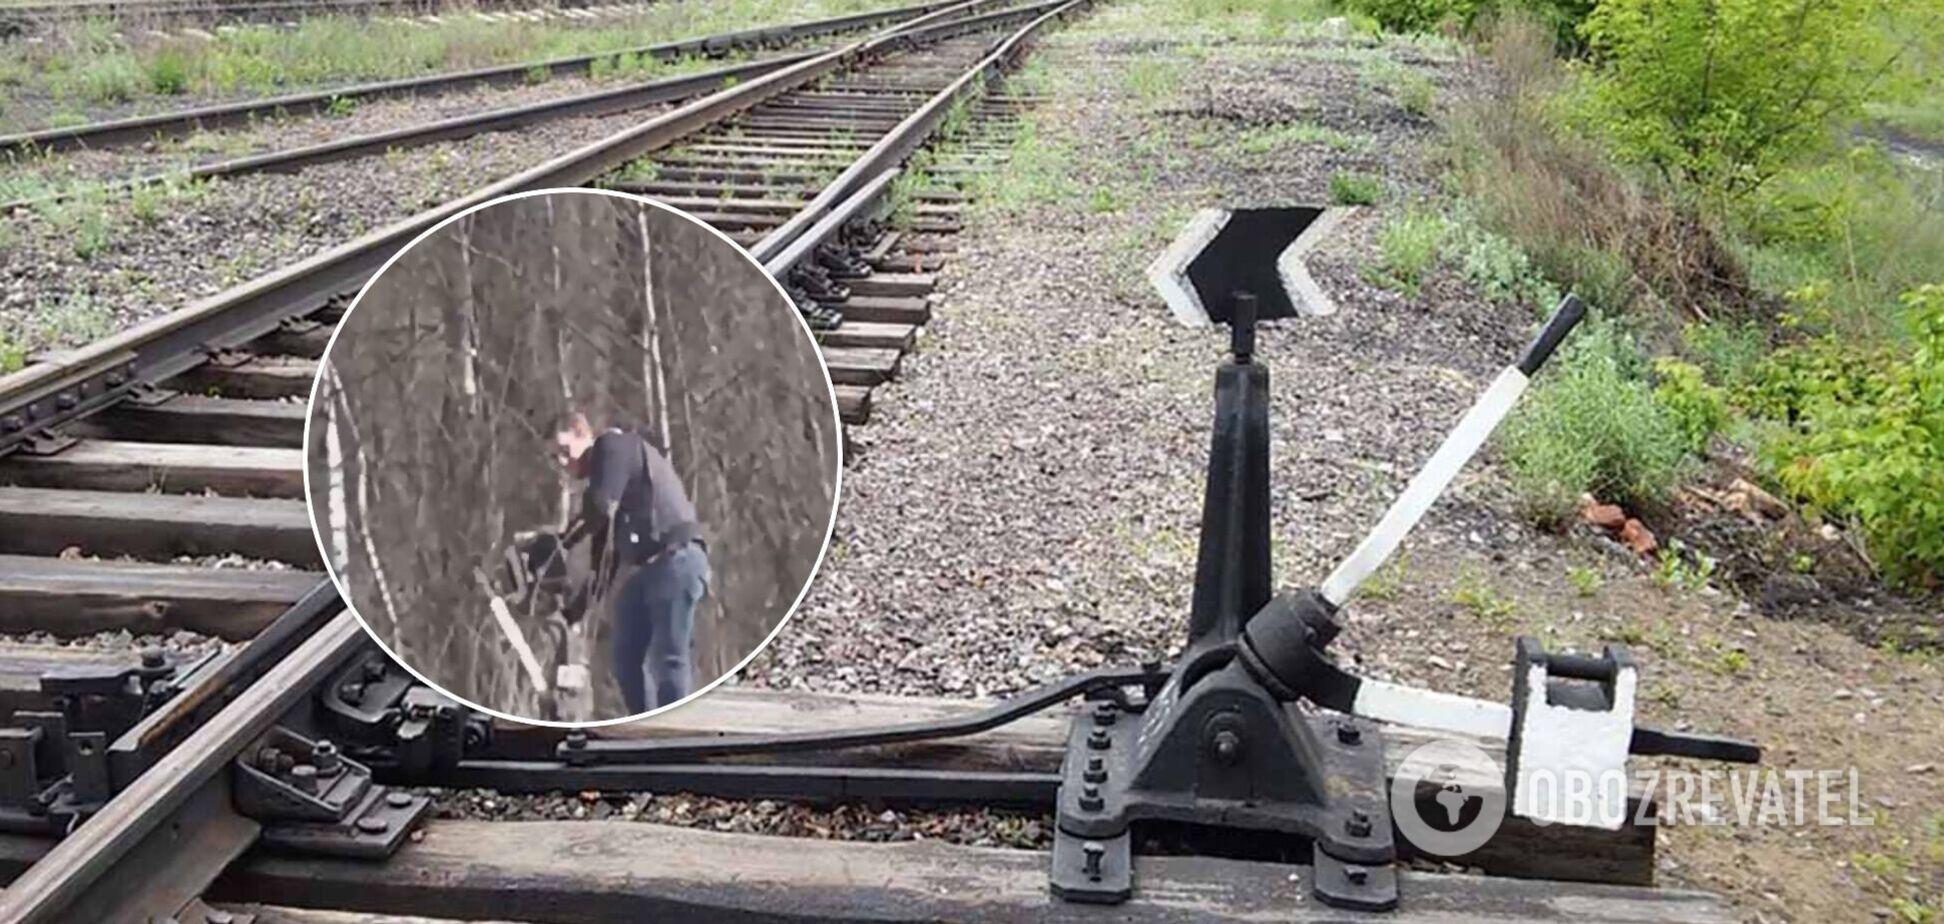 Захарова заявила про крадіжку частини залізничної стрілки співробітником посольства США: пропагандисти показали відео